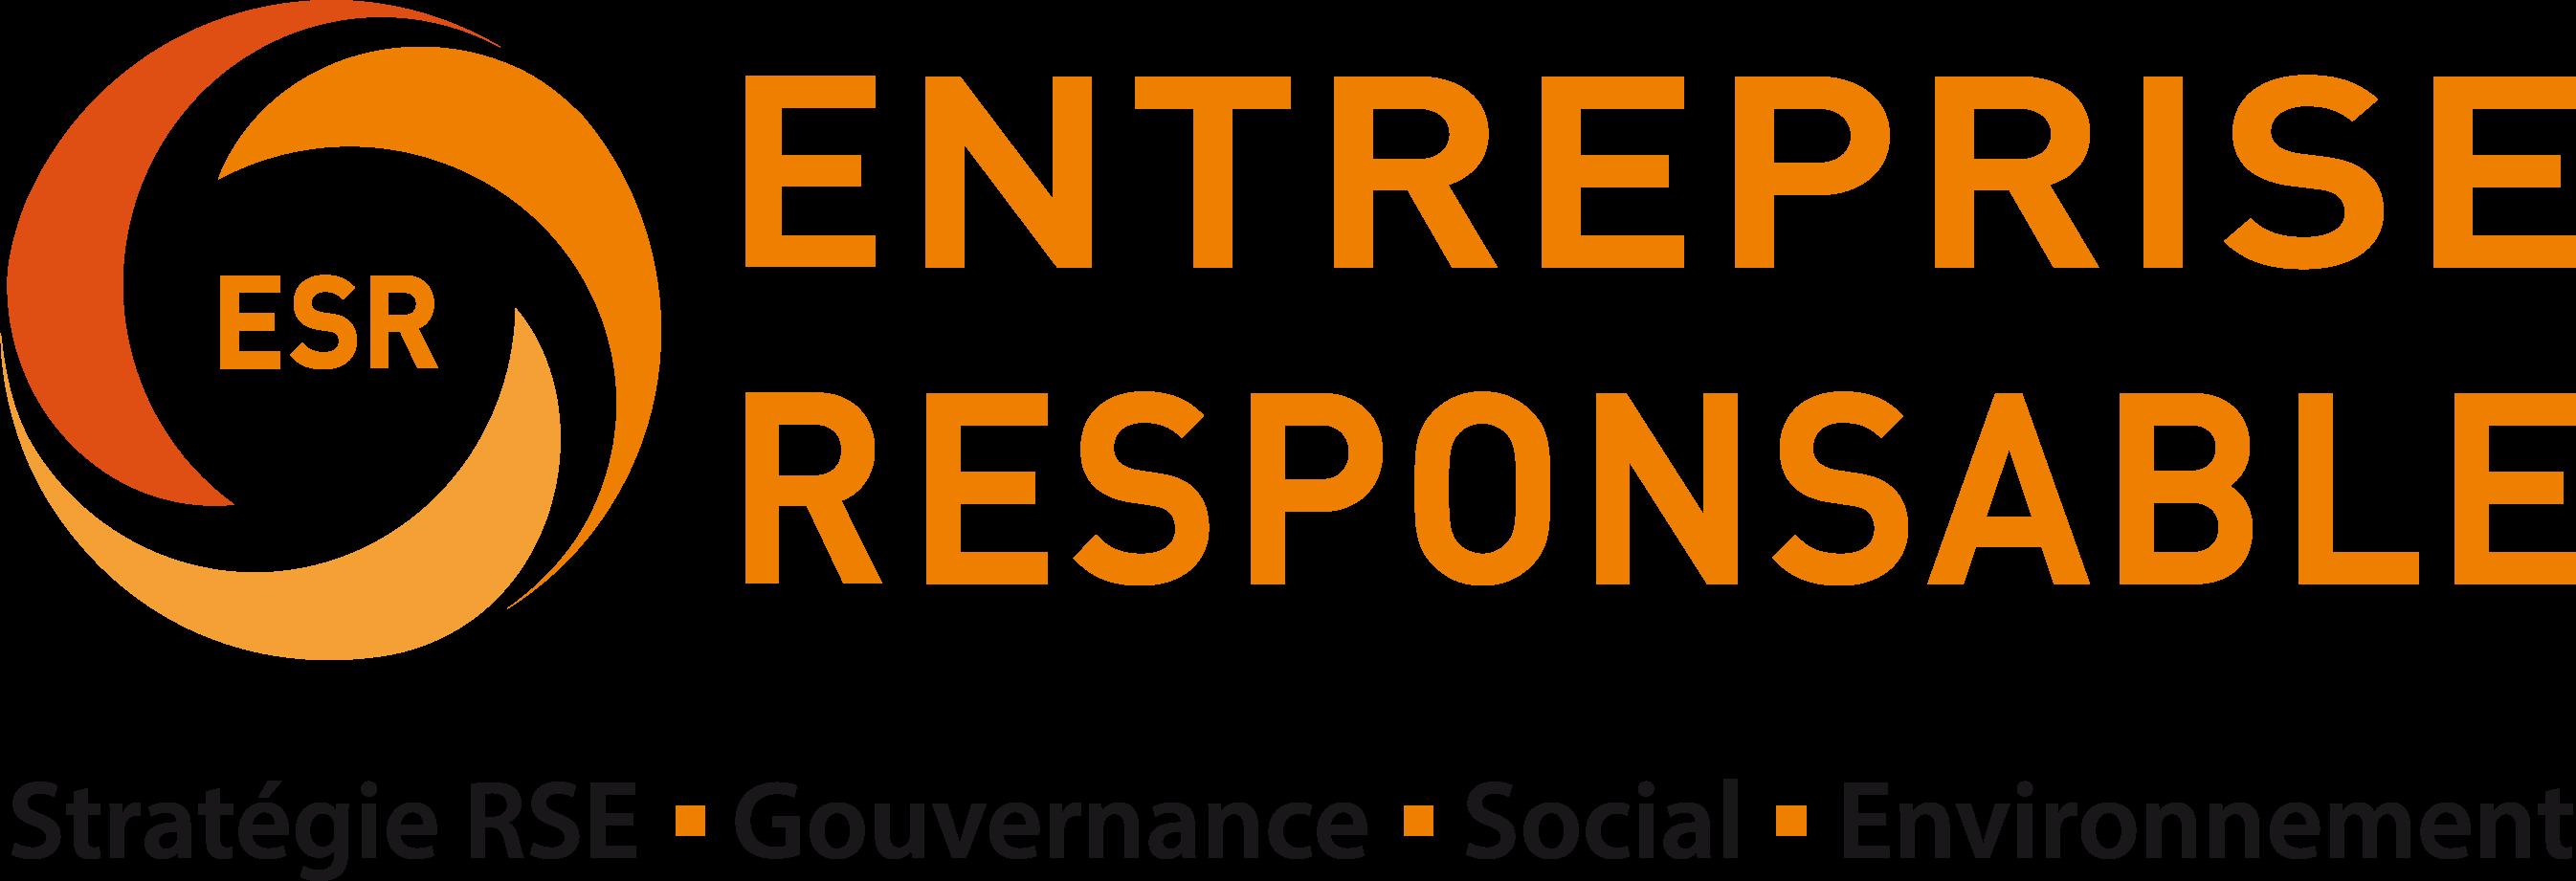 EURO-EDITIONS S.A. une entreprise Entreprise Socialement Responsable (ESR)